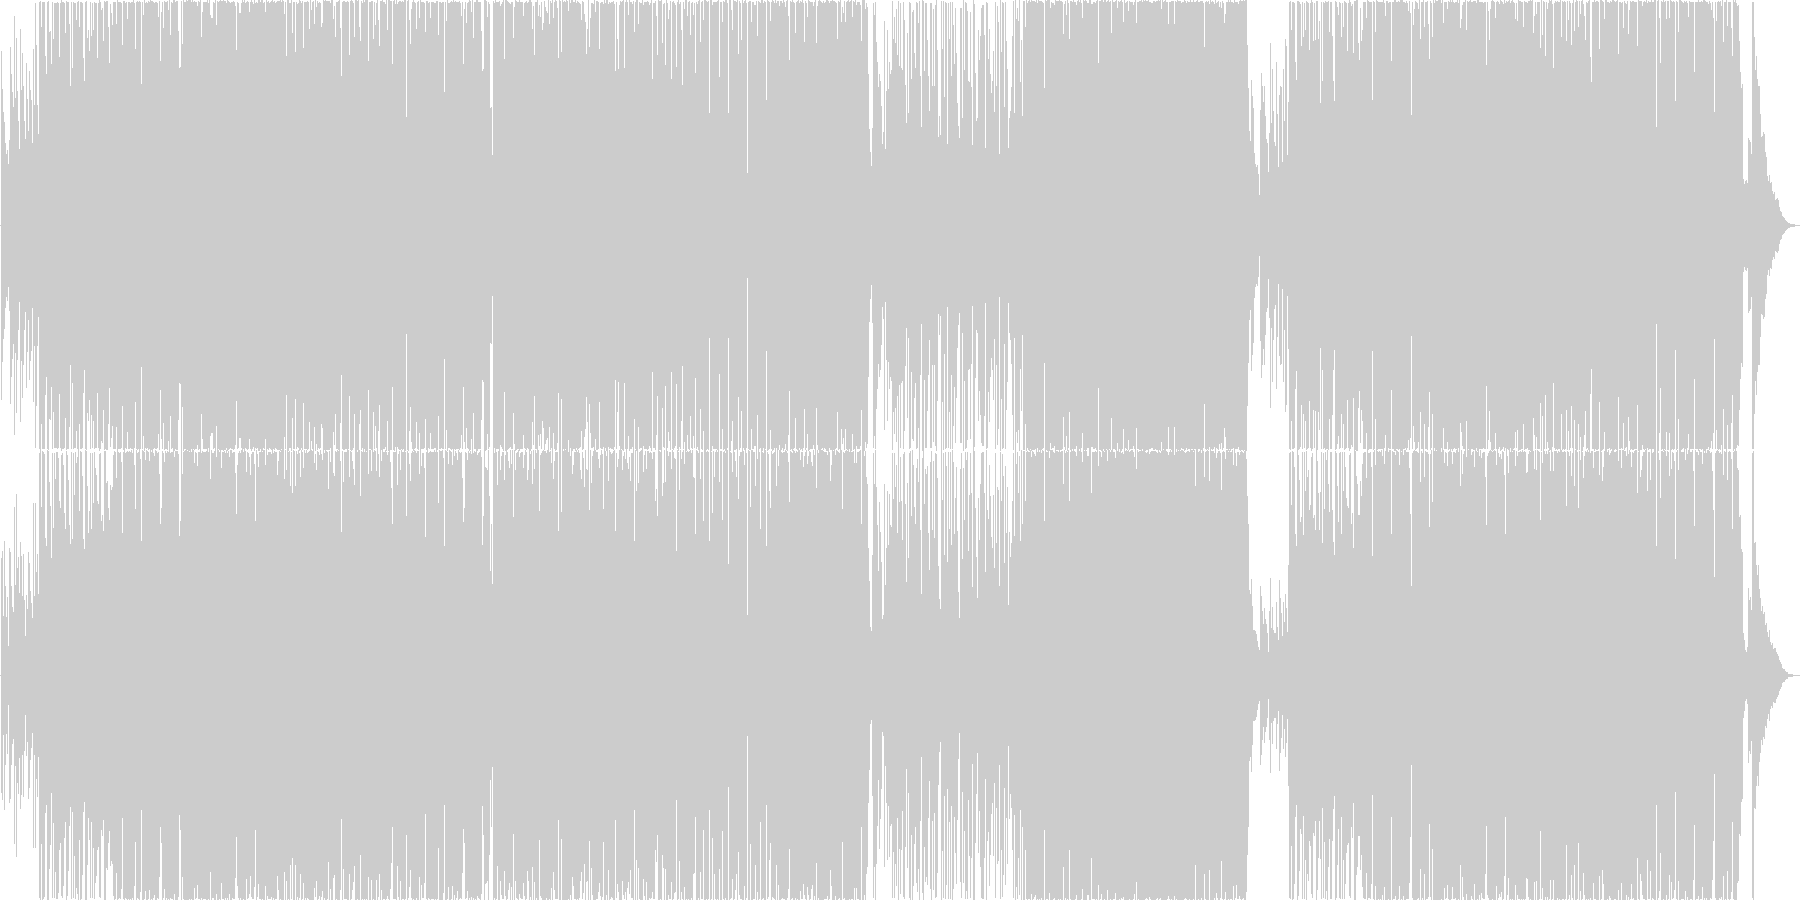 少し早めのサックスが心地よいボサノバの未再生の波形